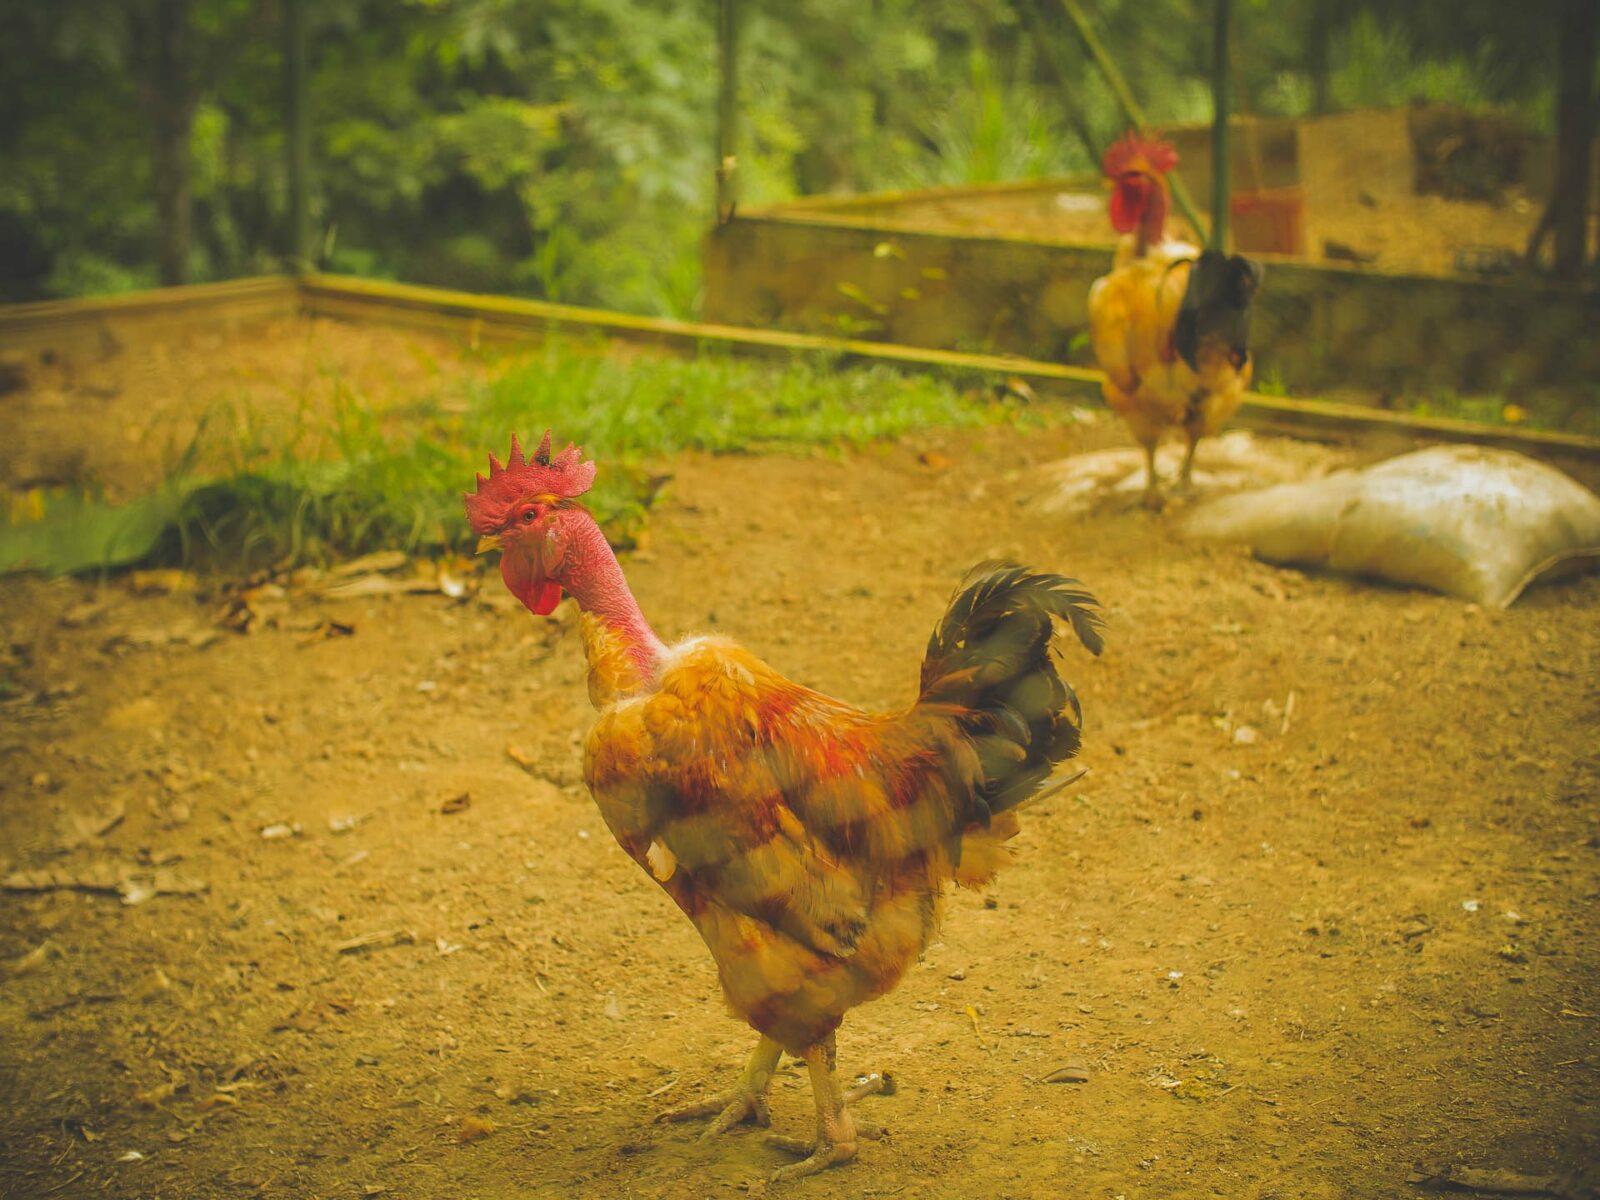 chickens in costa rica